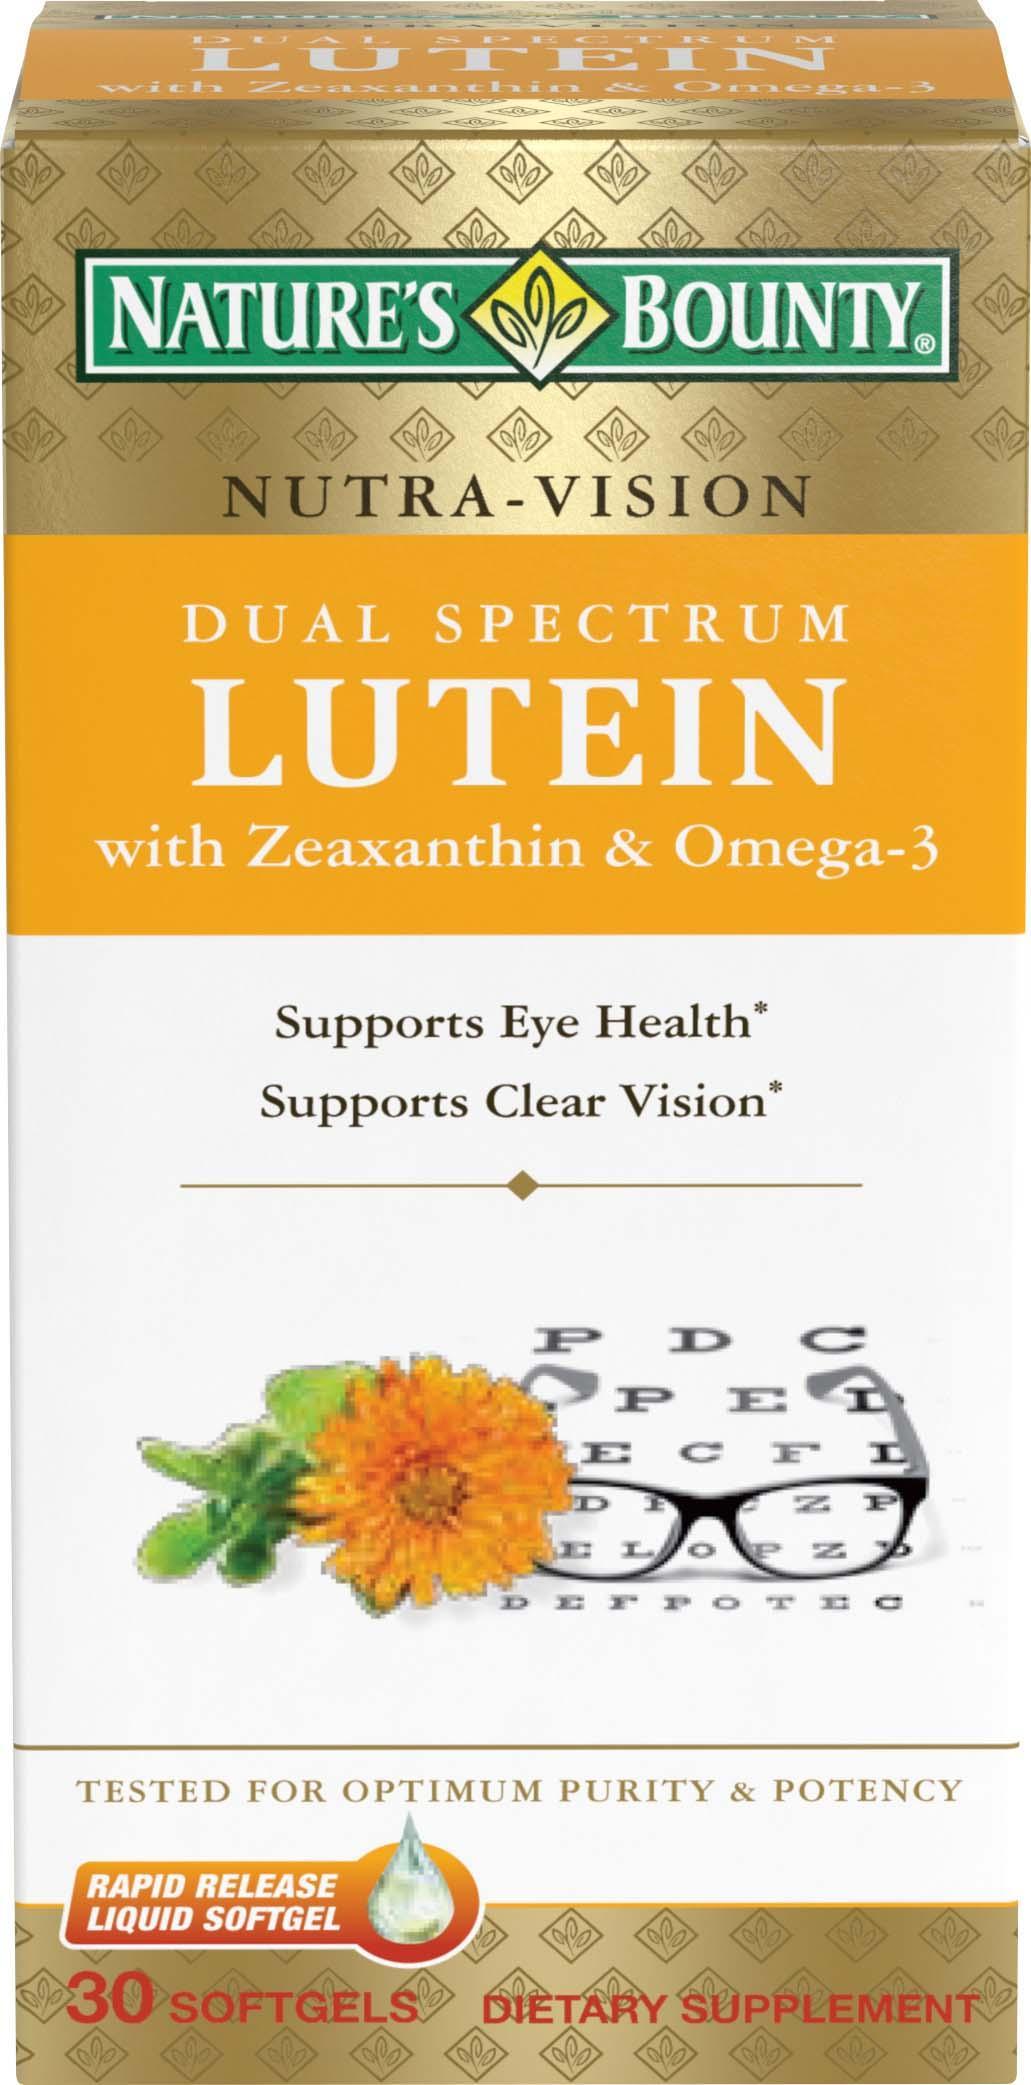 Dual Spectrum Omega-3 pics